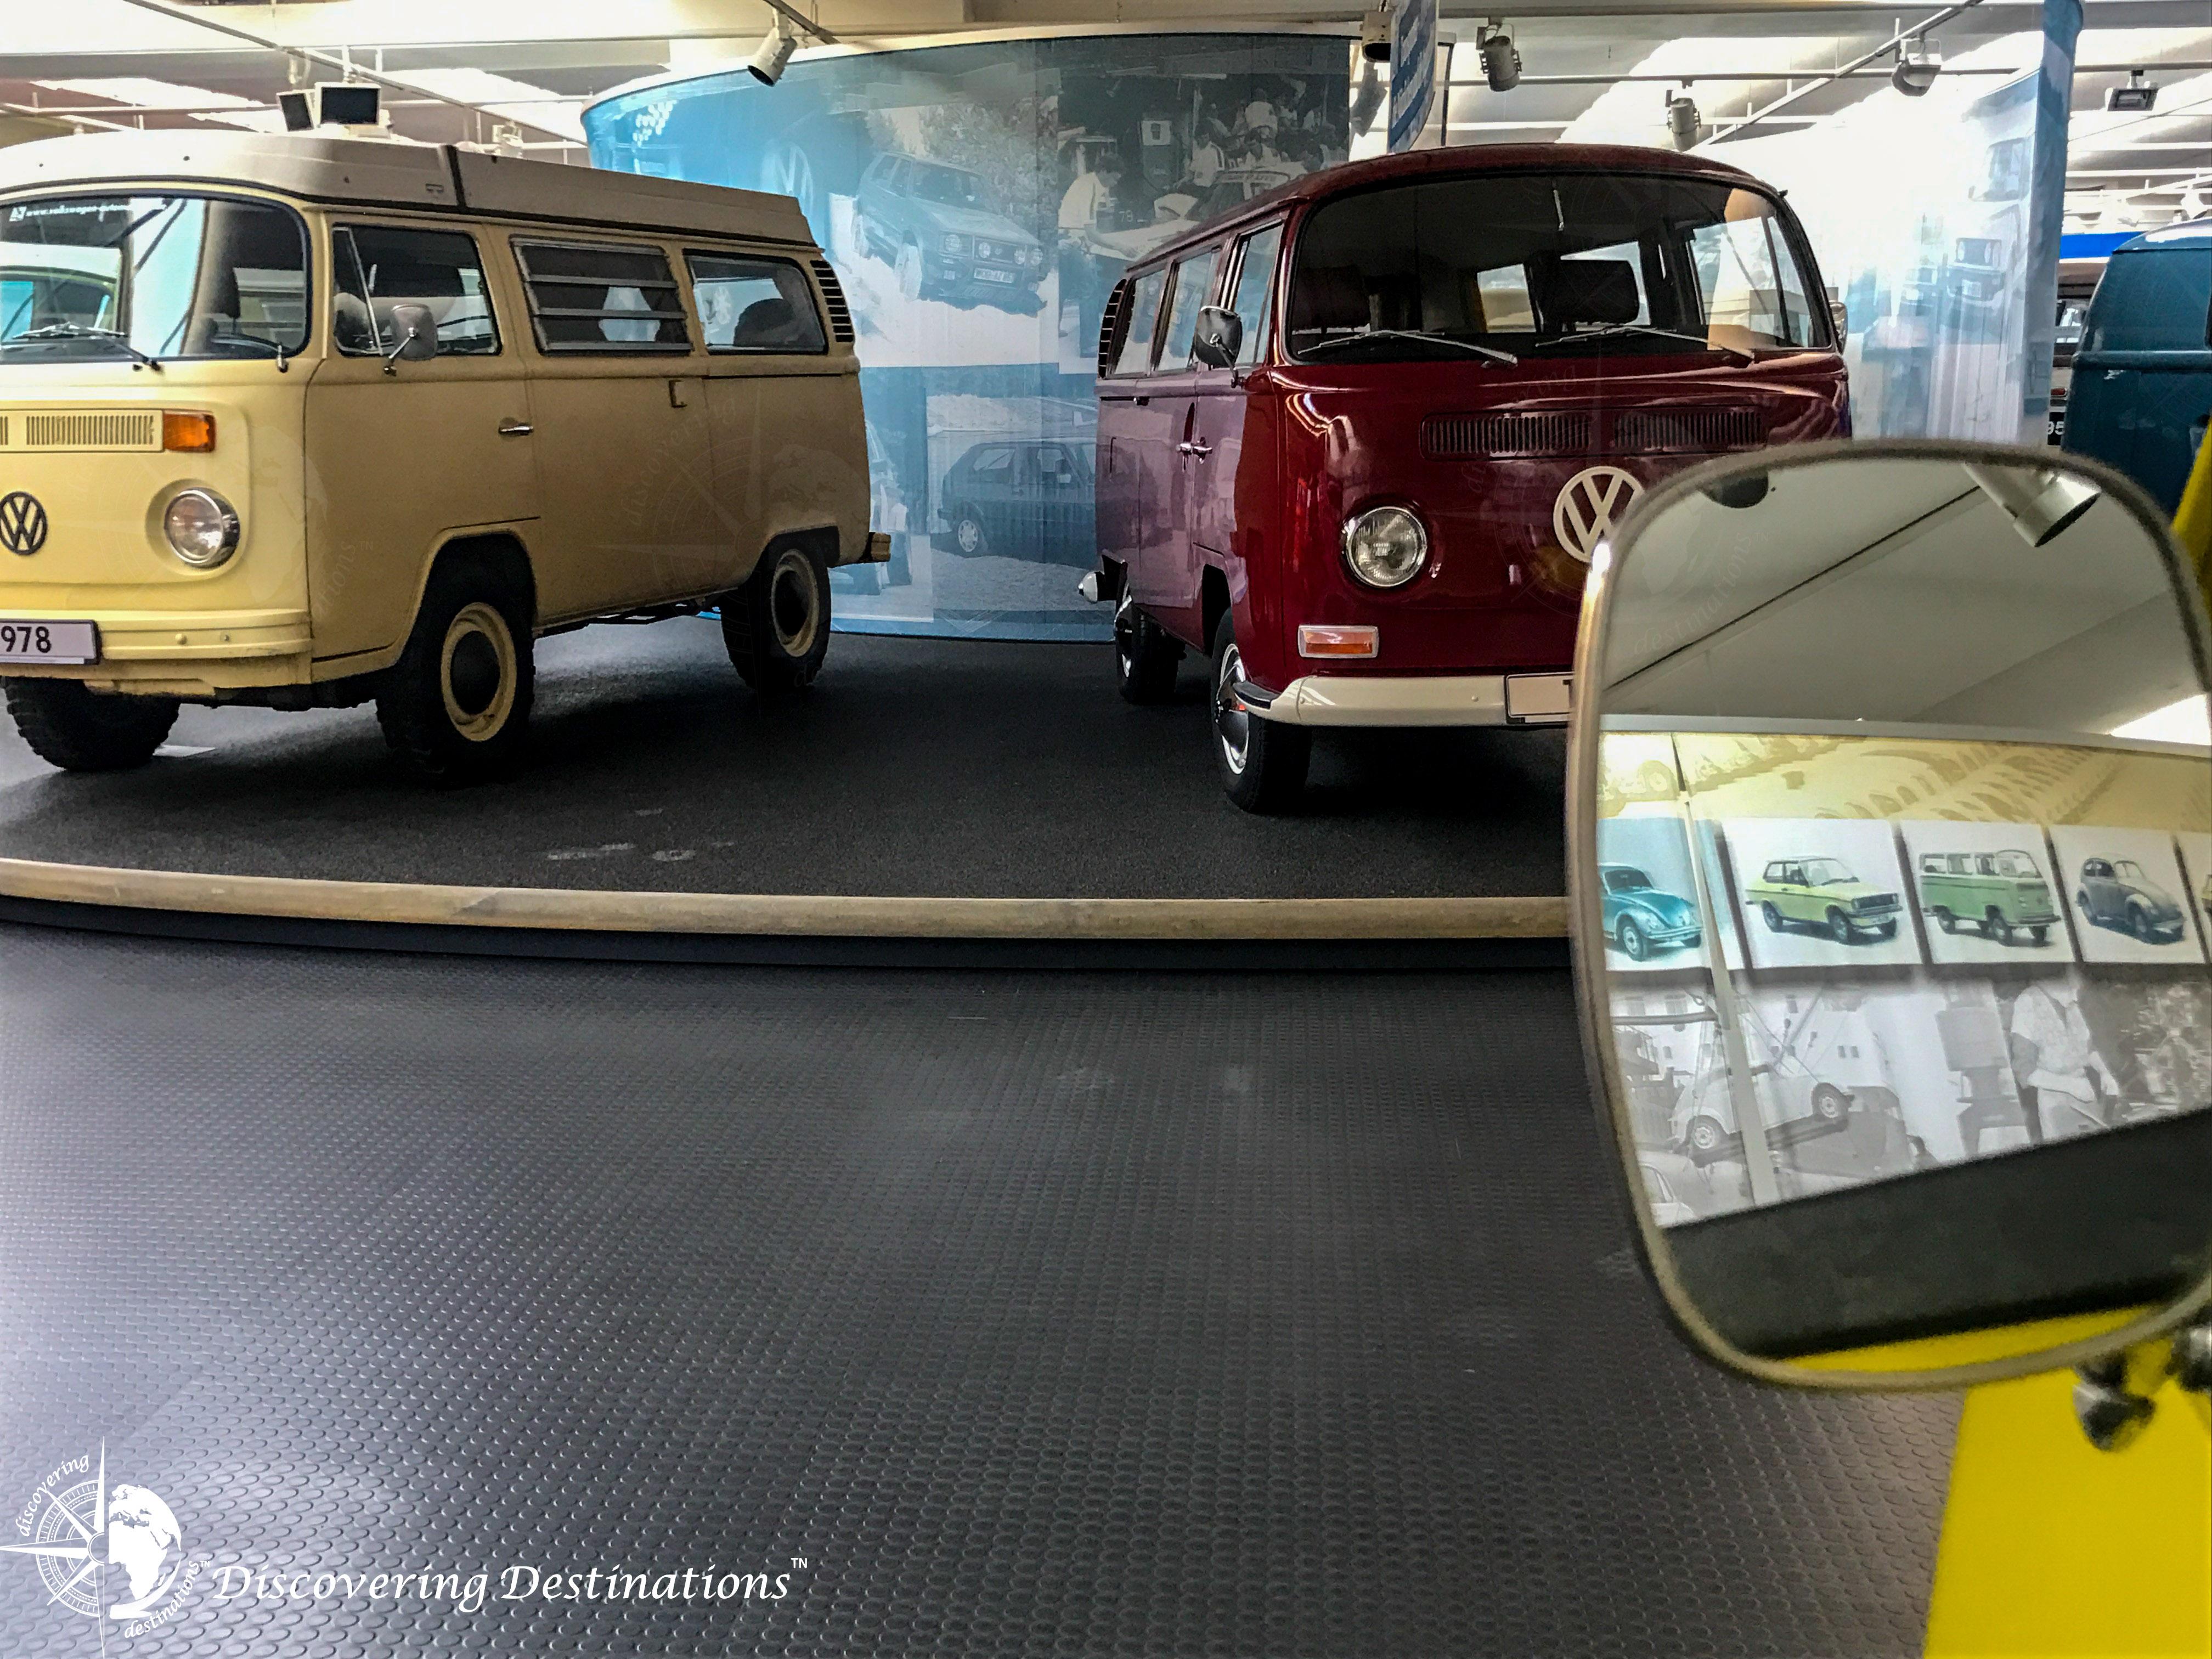 Discovering Foundation Auto Museum Volkswagen, Wolfsburg